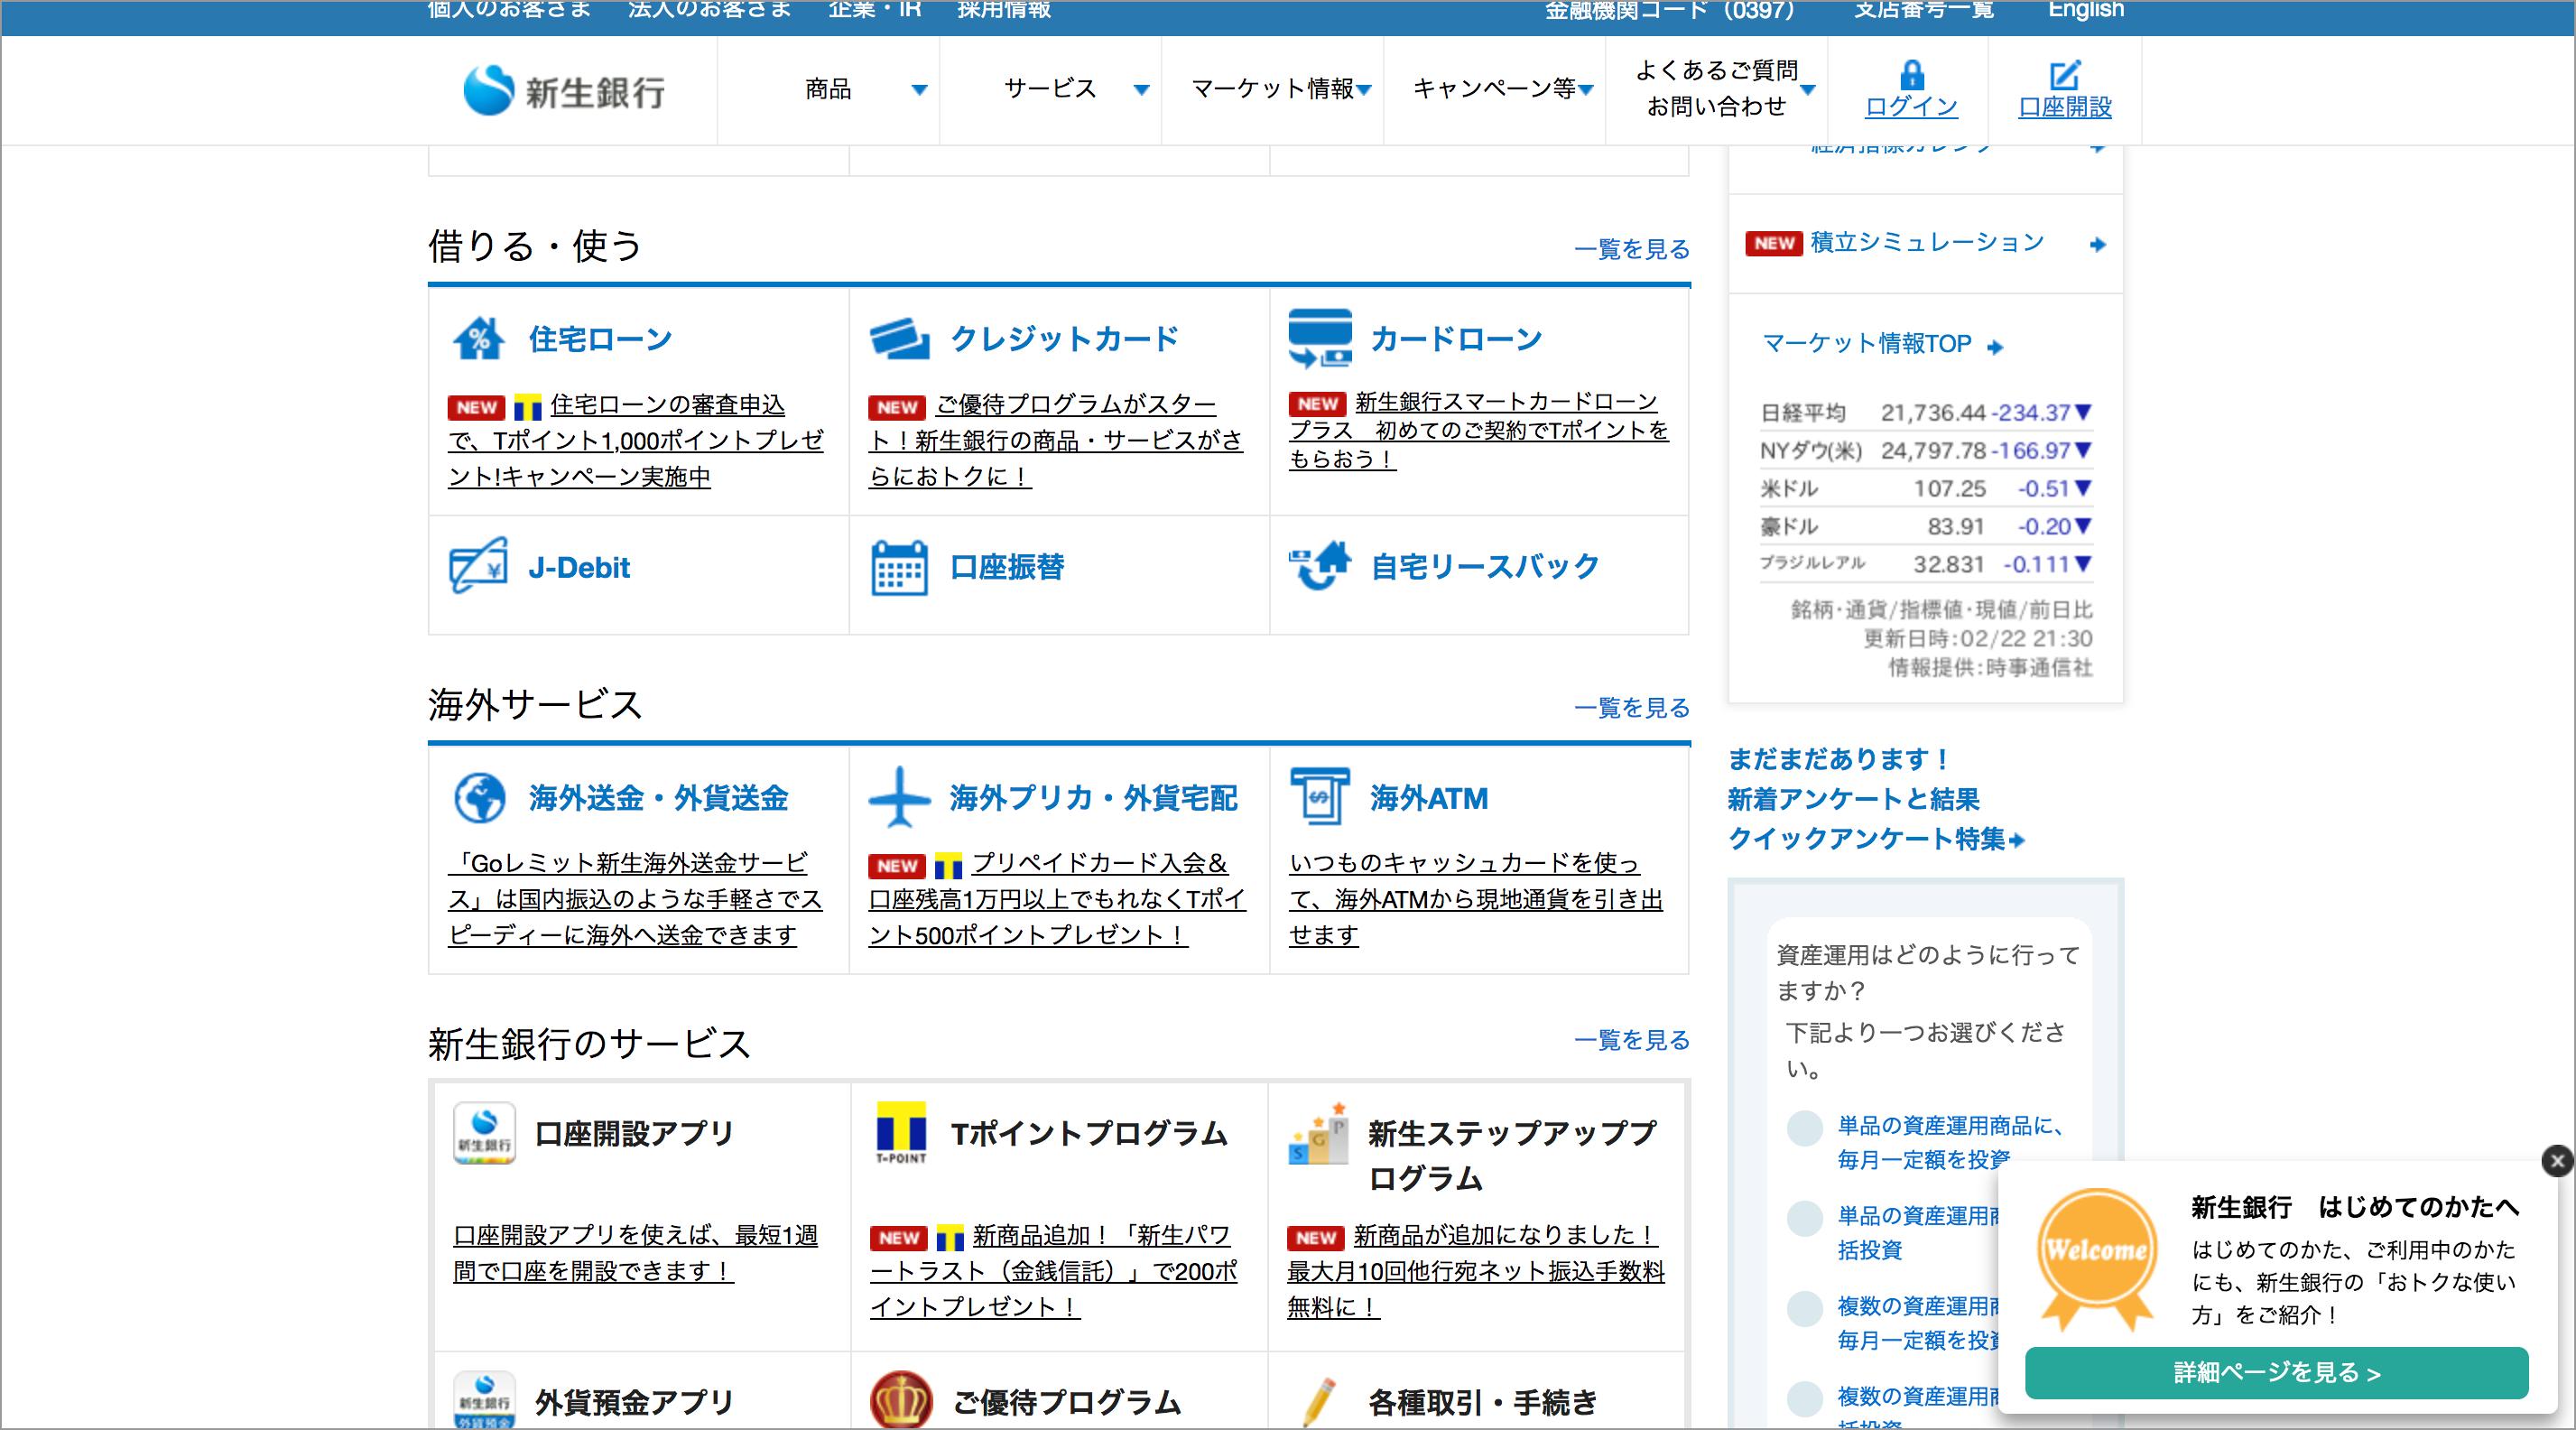 新生銀行:Web接客にて初めての方へのメッセージ表示